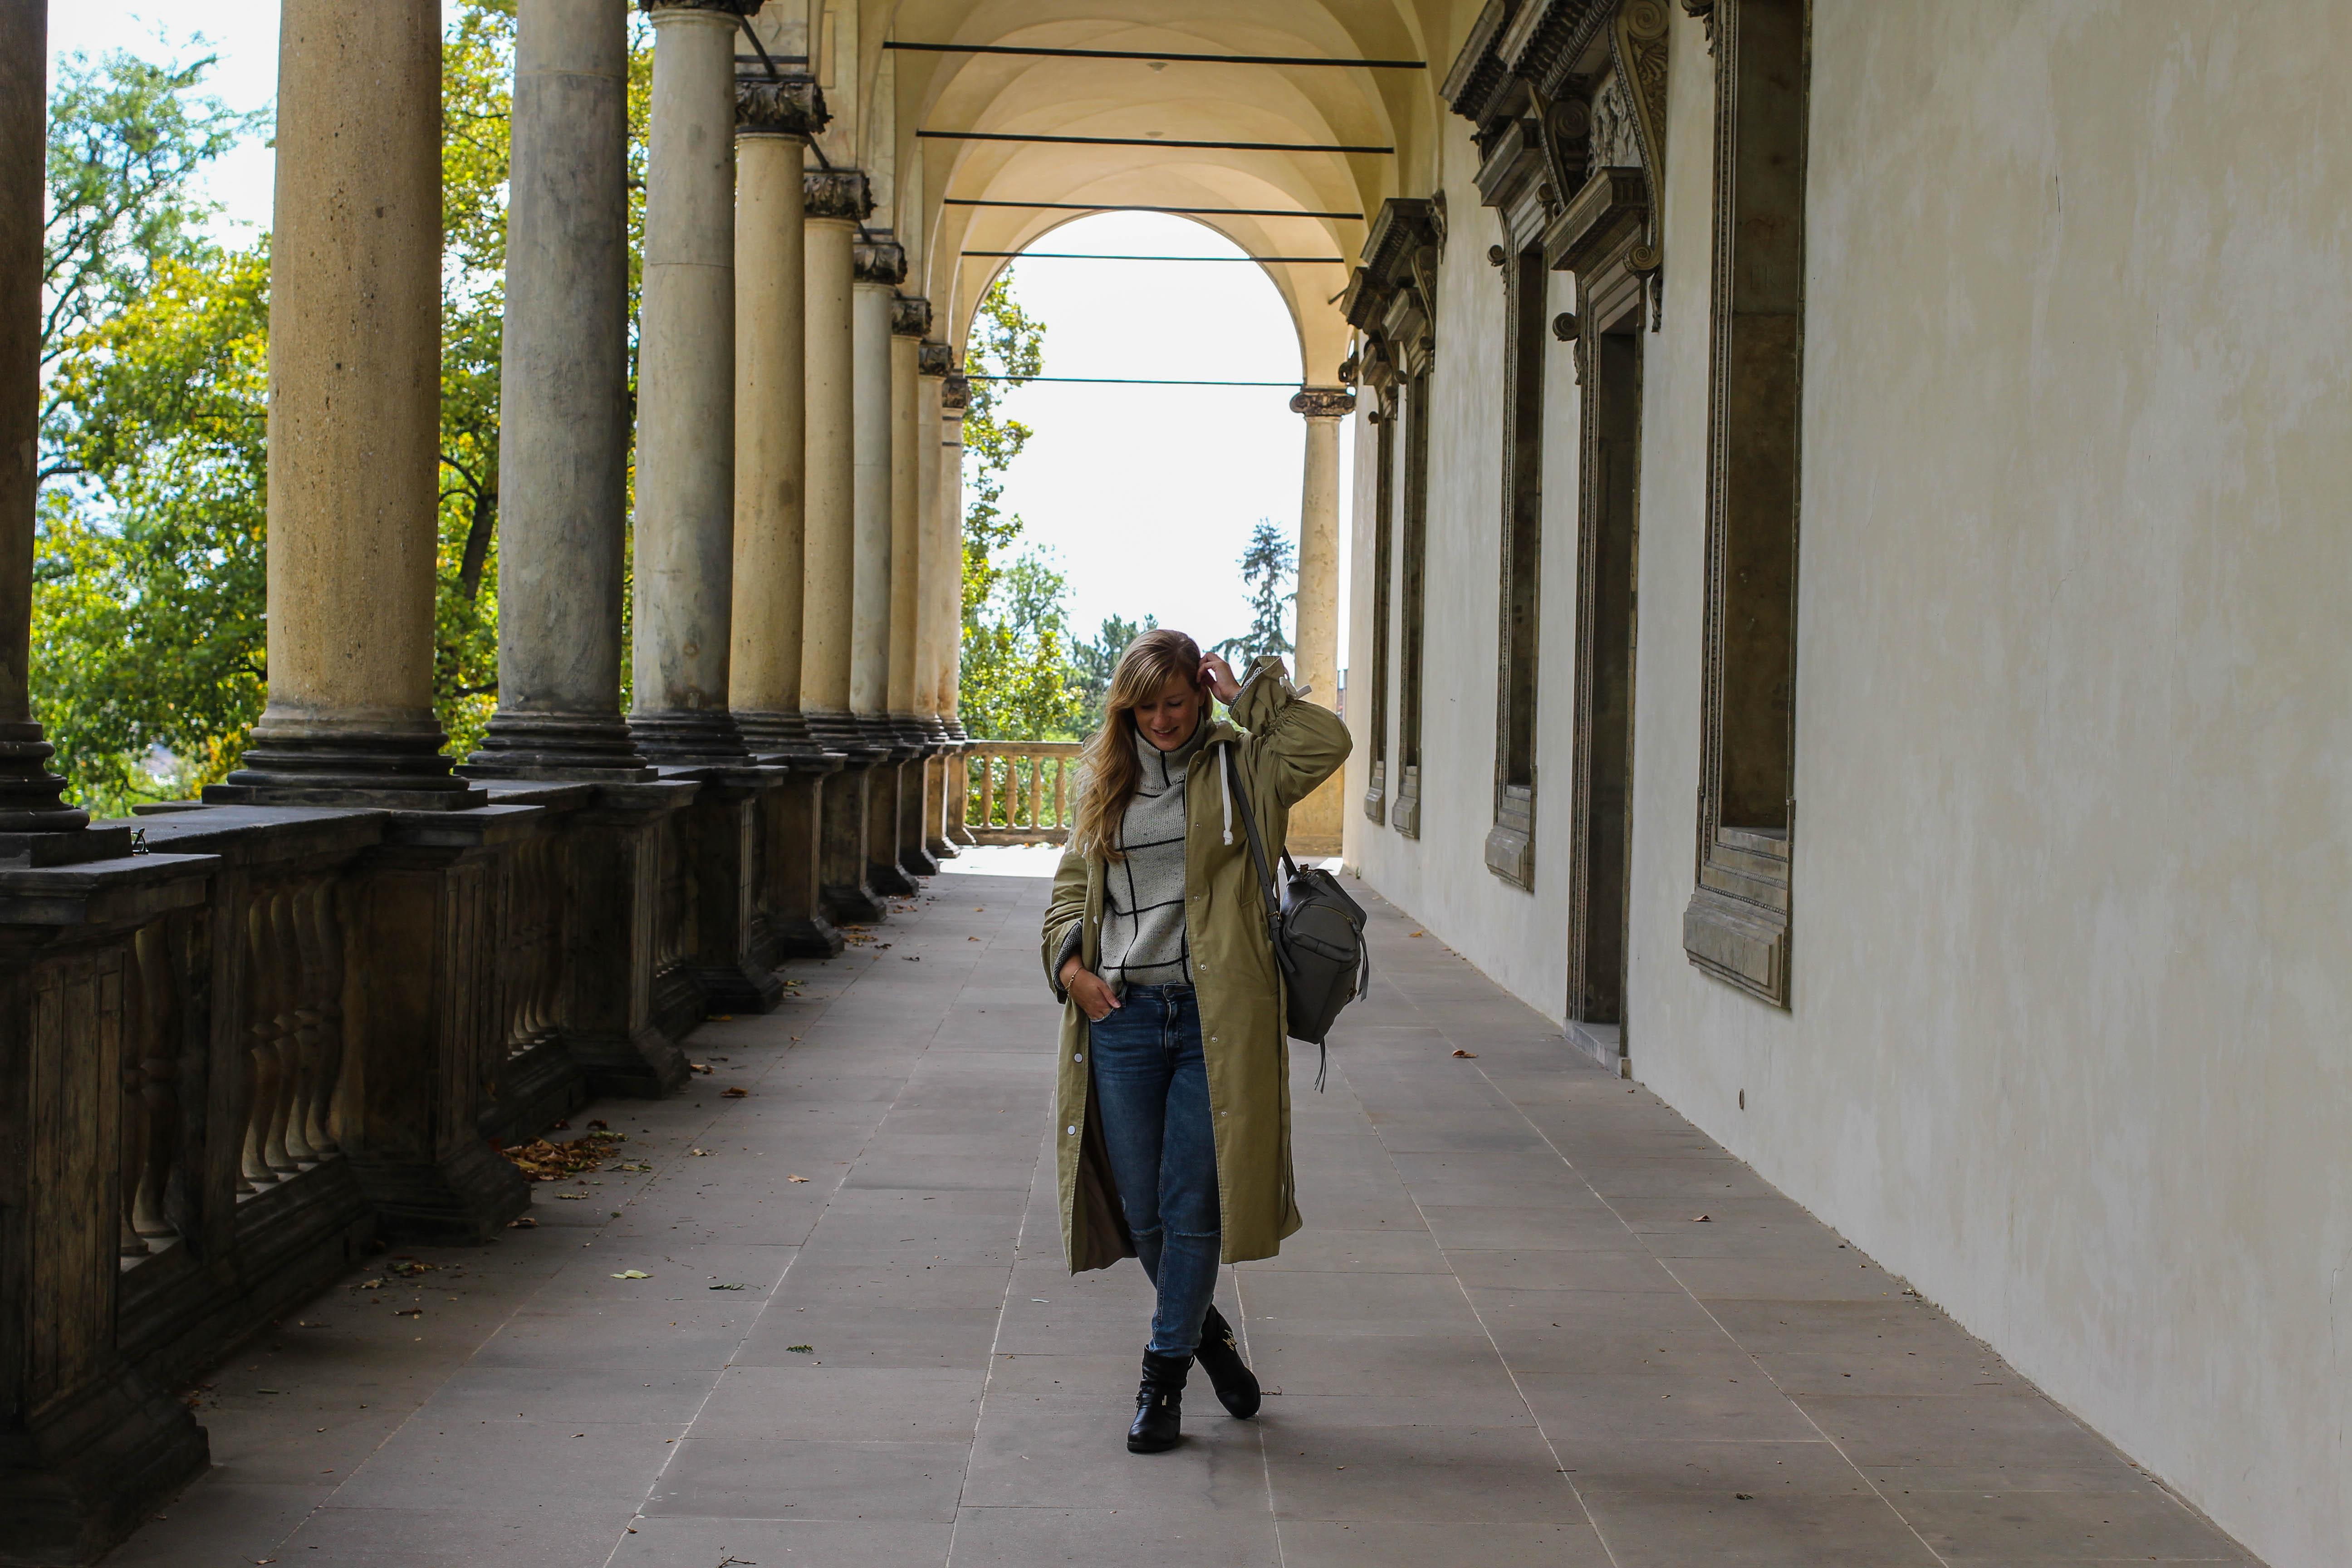 Top 10 Tipps Kurztrip Prag Sightseeing Outfit Oktober Sehenswürdigkeiten Prag Insidertipps Reiseblog 2